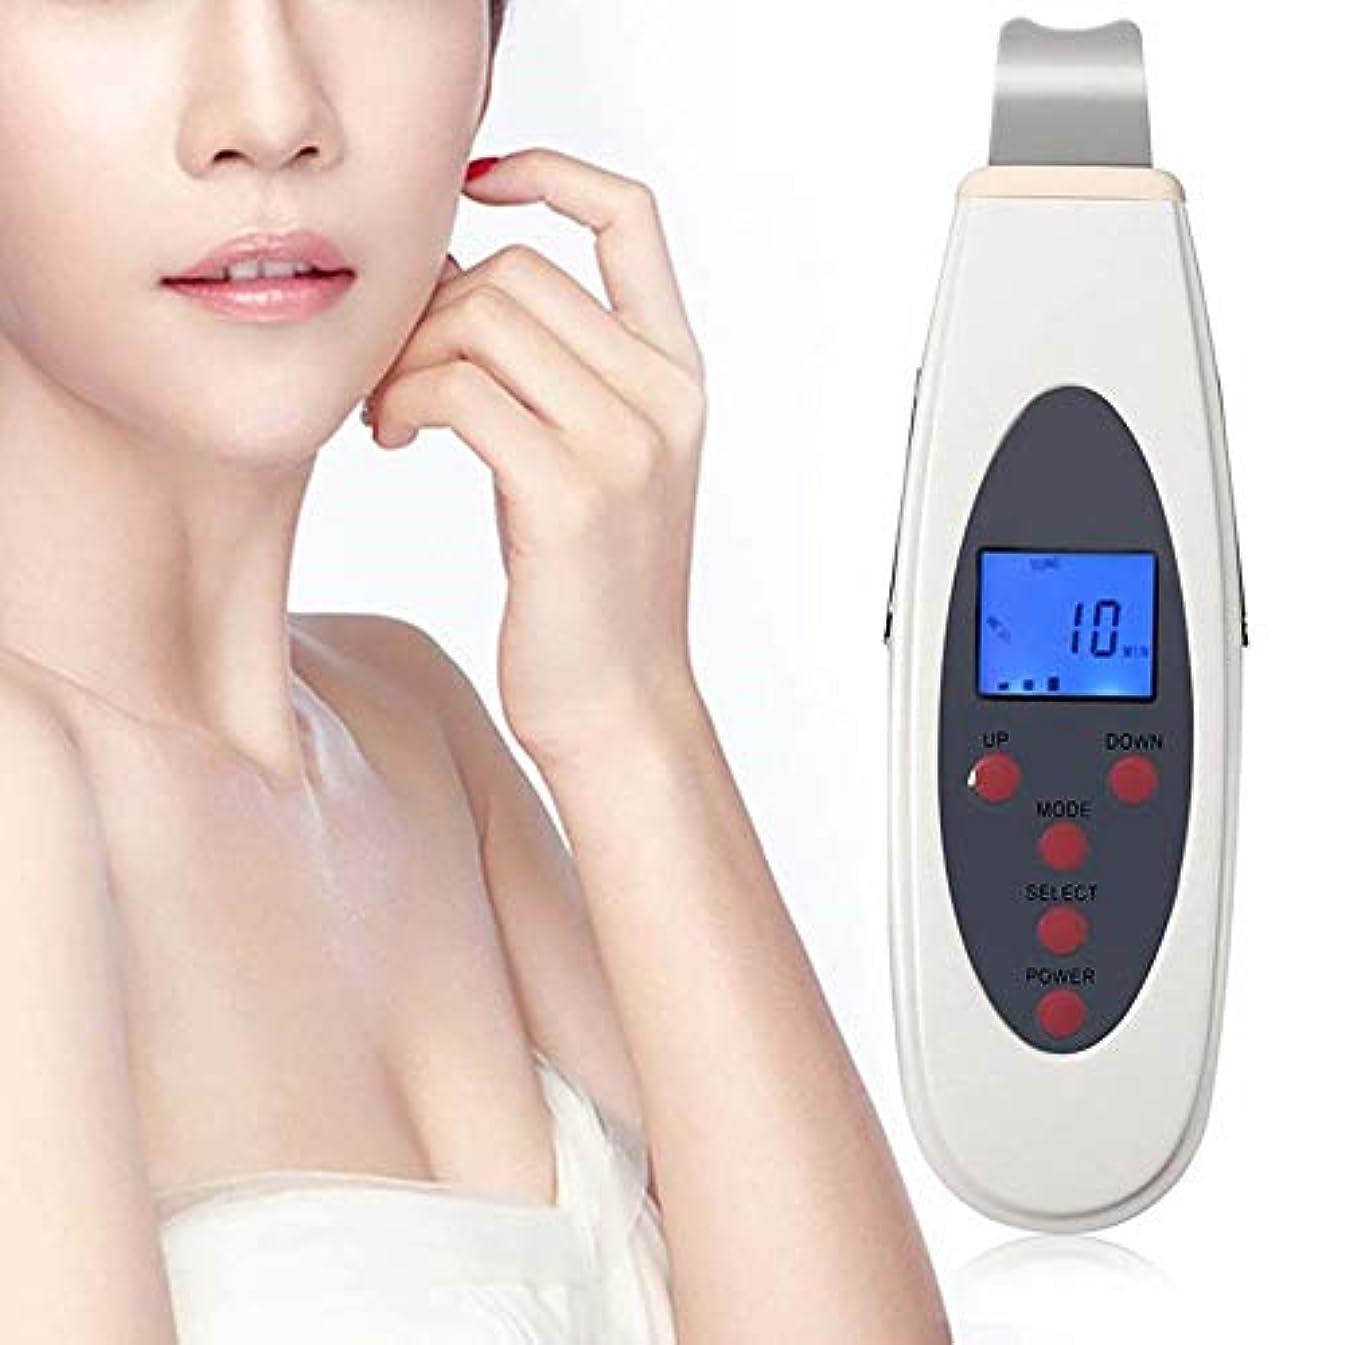 消費者メロディアス減らす顔の皮膚スクラバー、スキンケア男性女性のためのデジタル顔LCDディスプレイフェイスエクスフォリエイティング美容機器顔の美容機超音波スキンスクラバーポータブルスキンスクラバースキンクリーナー